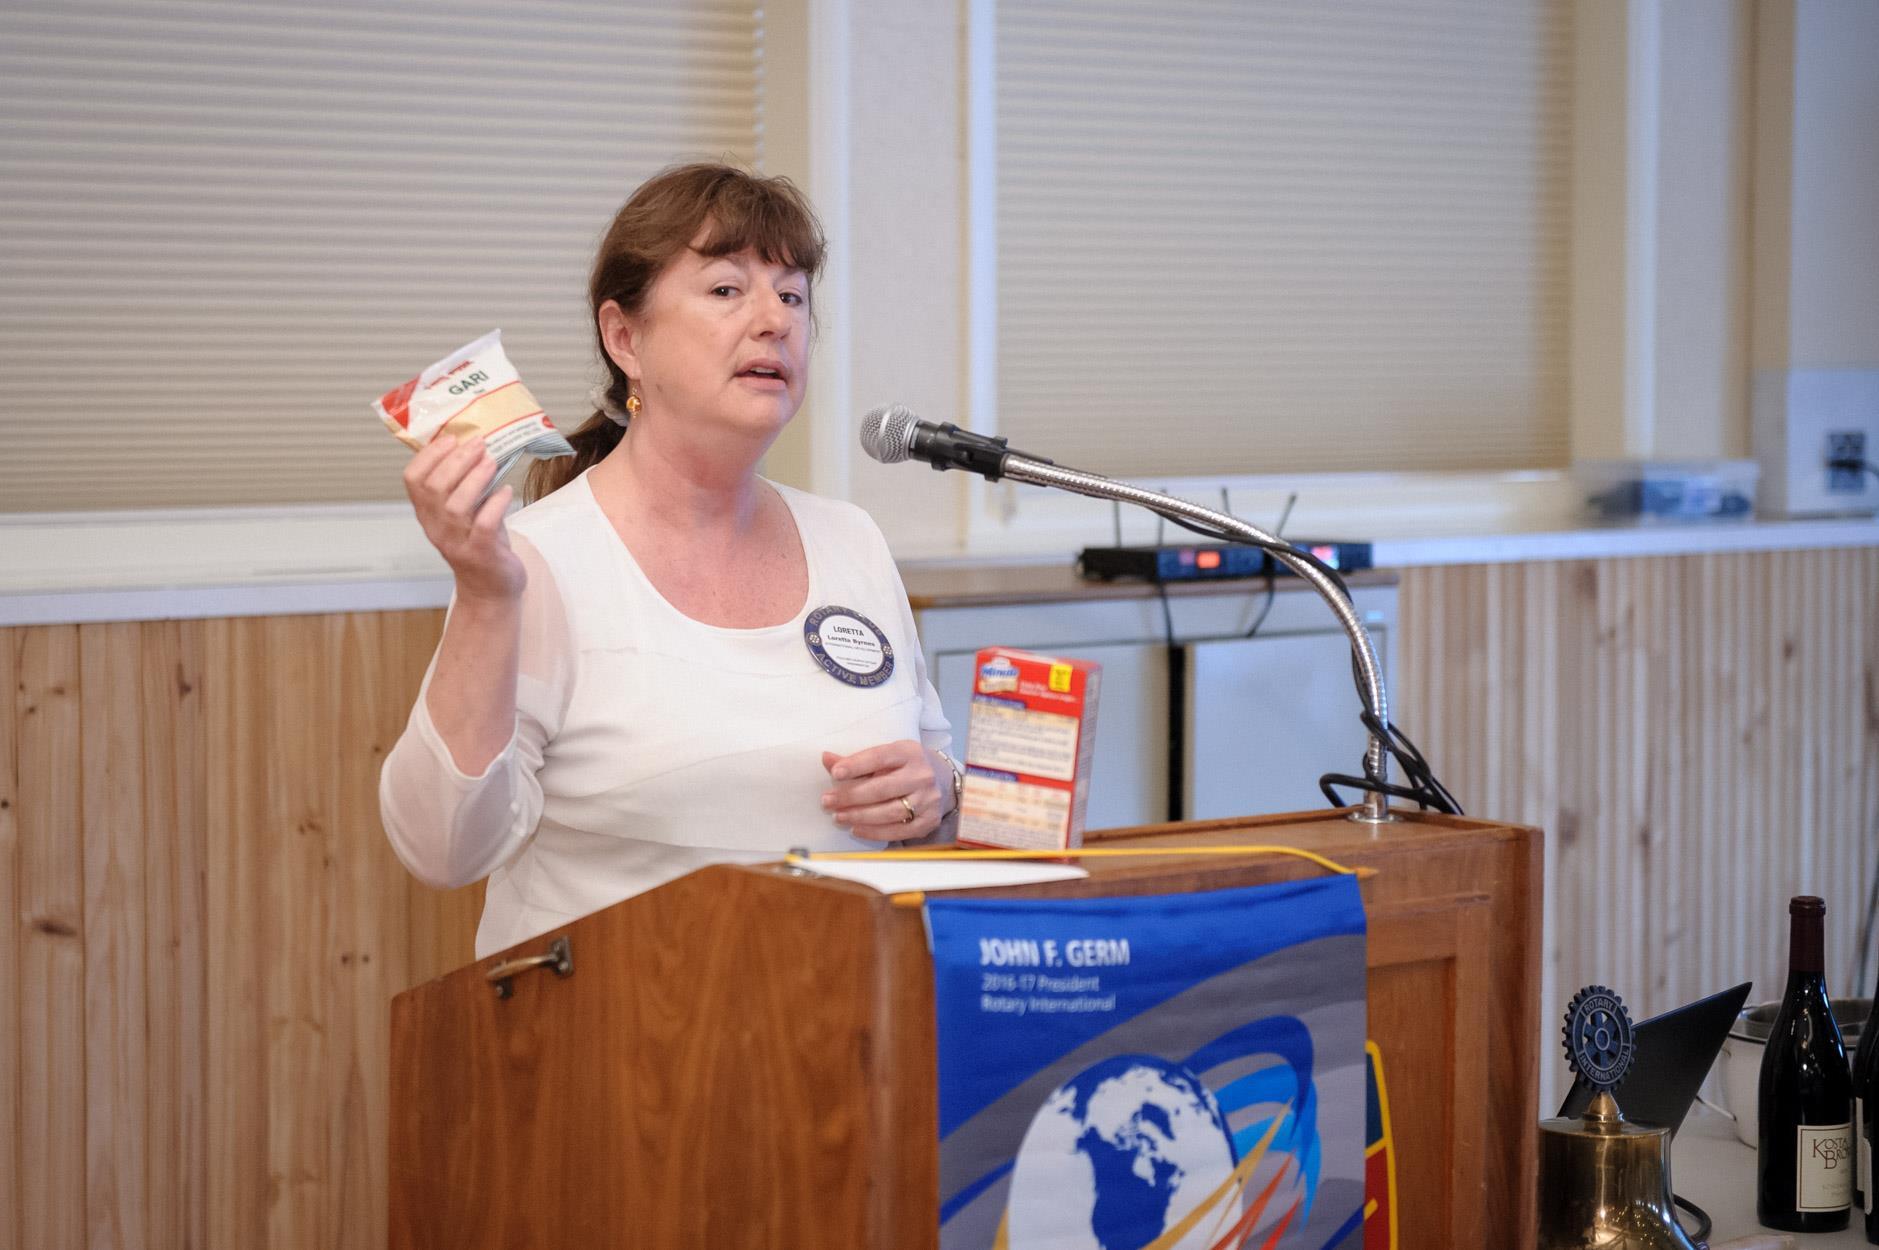 Poulsbo Rotarian Loretta Byrnes